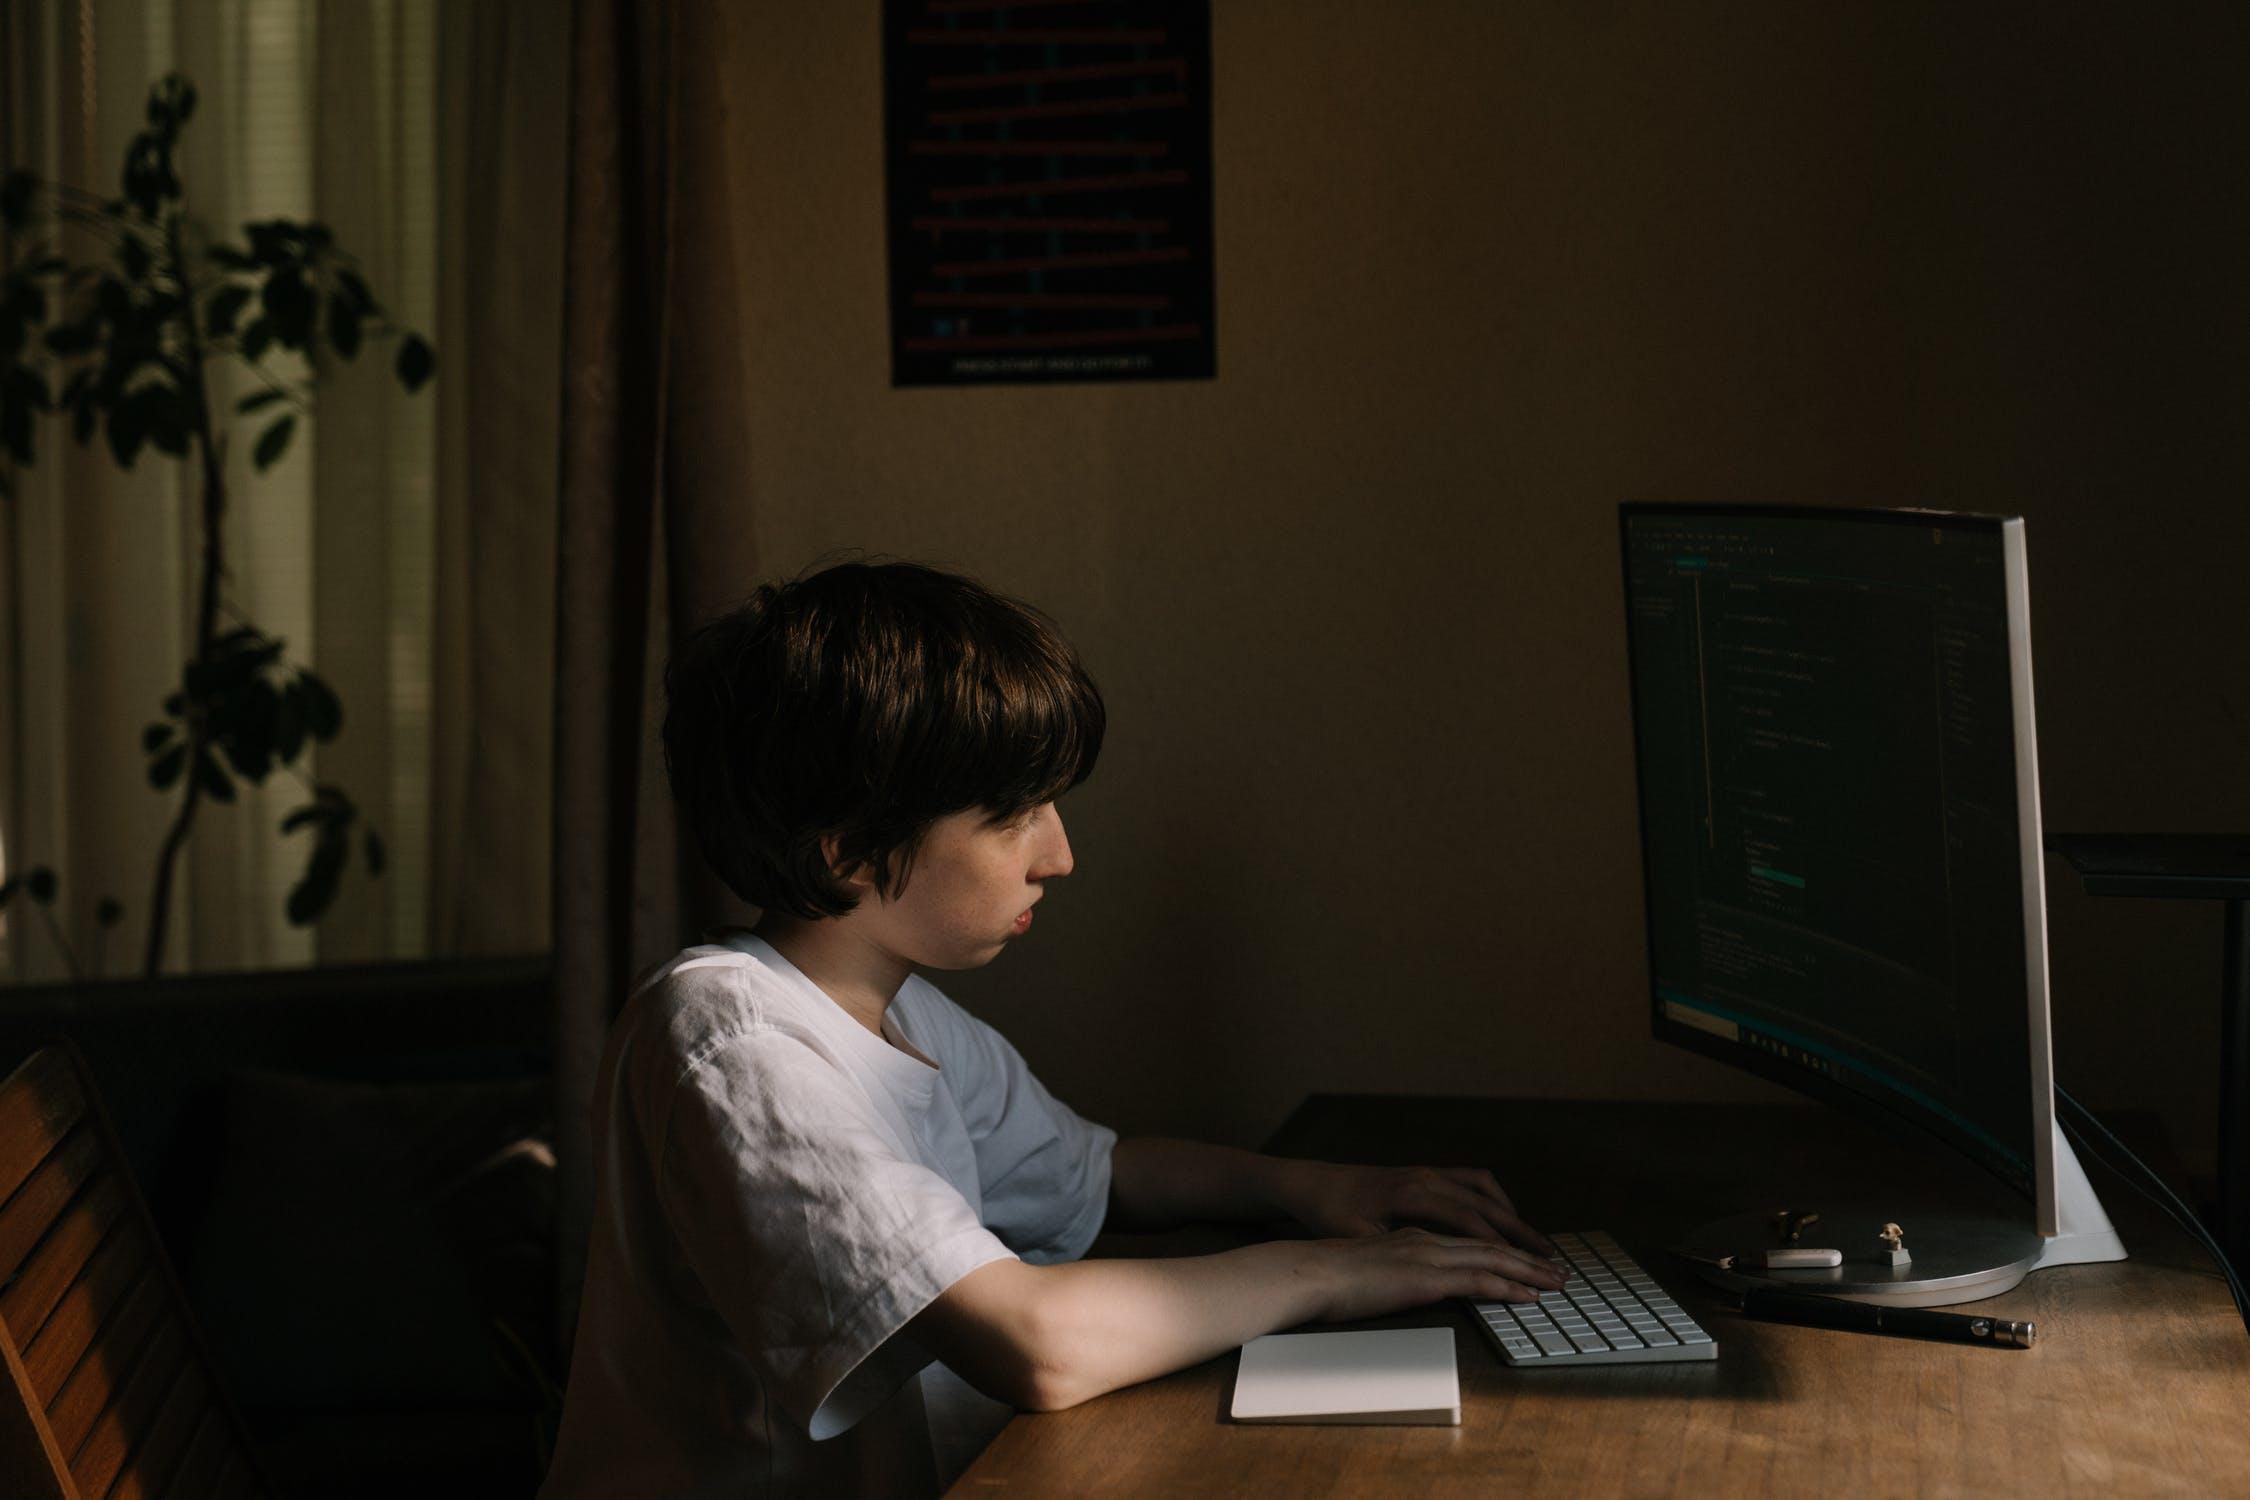 Bądź bezpieczny w cyberprzestrzeni